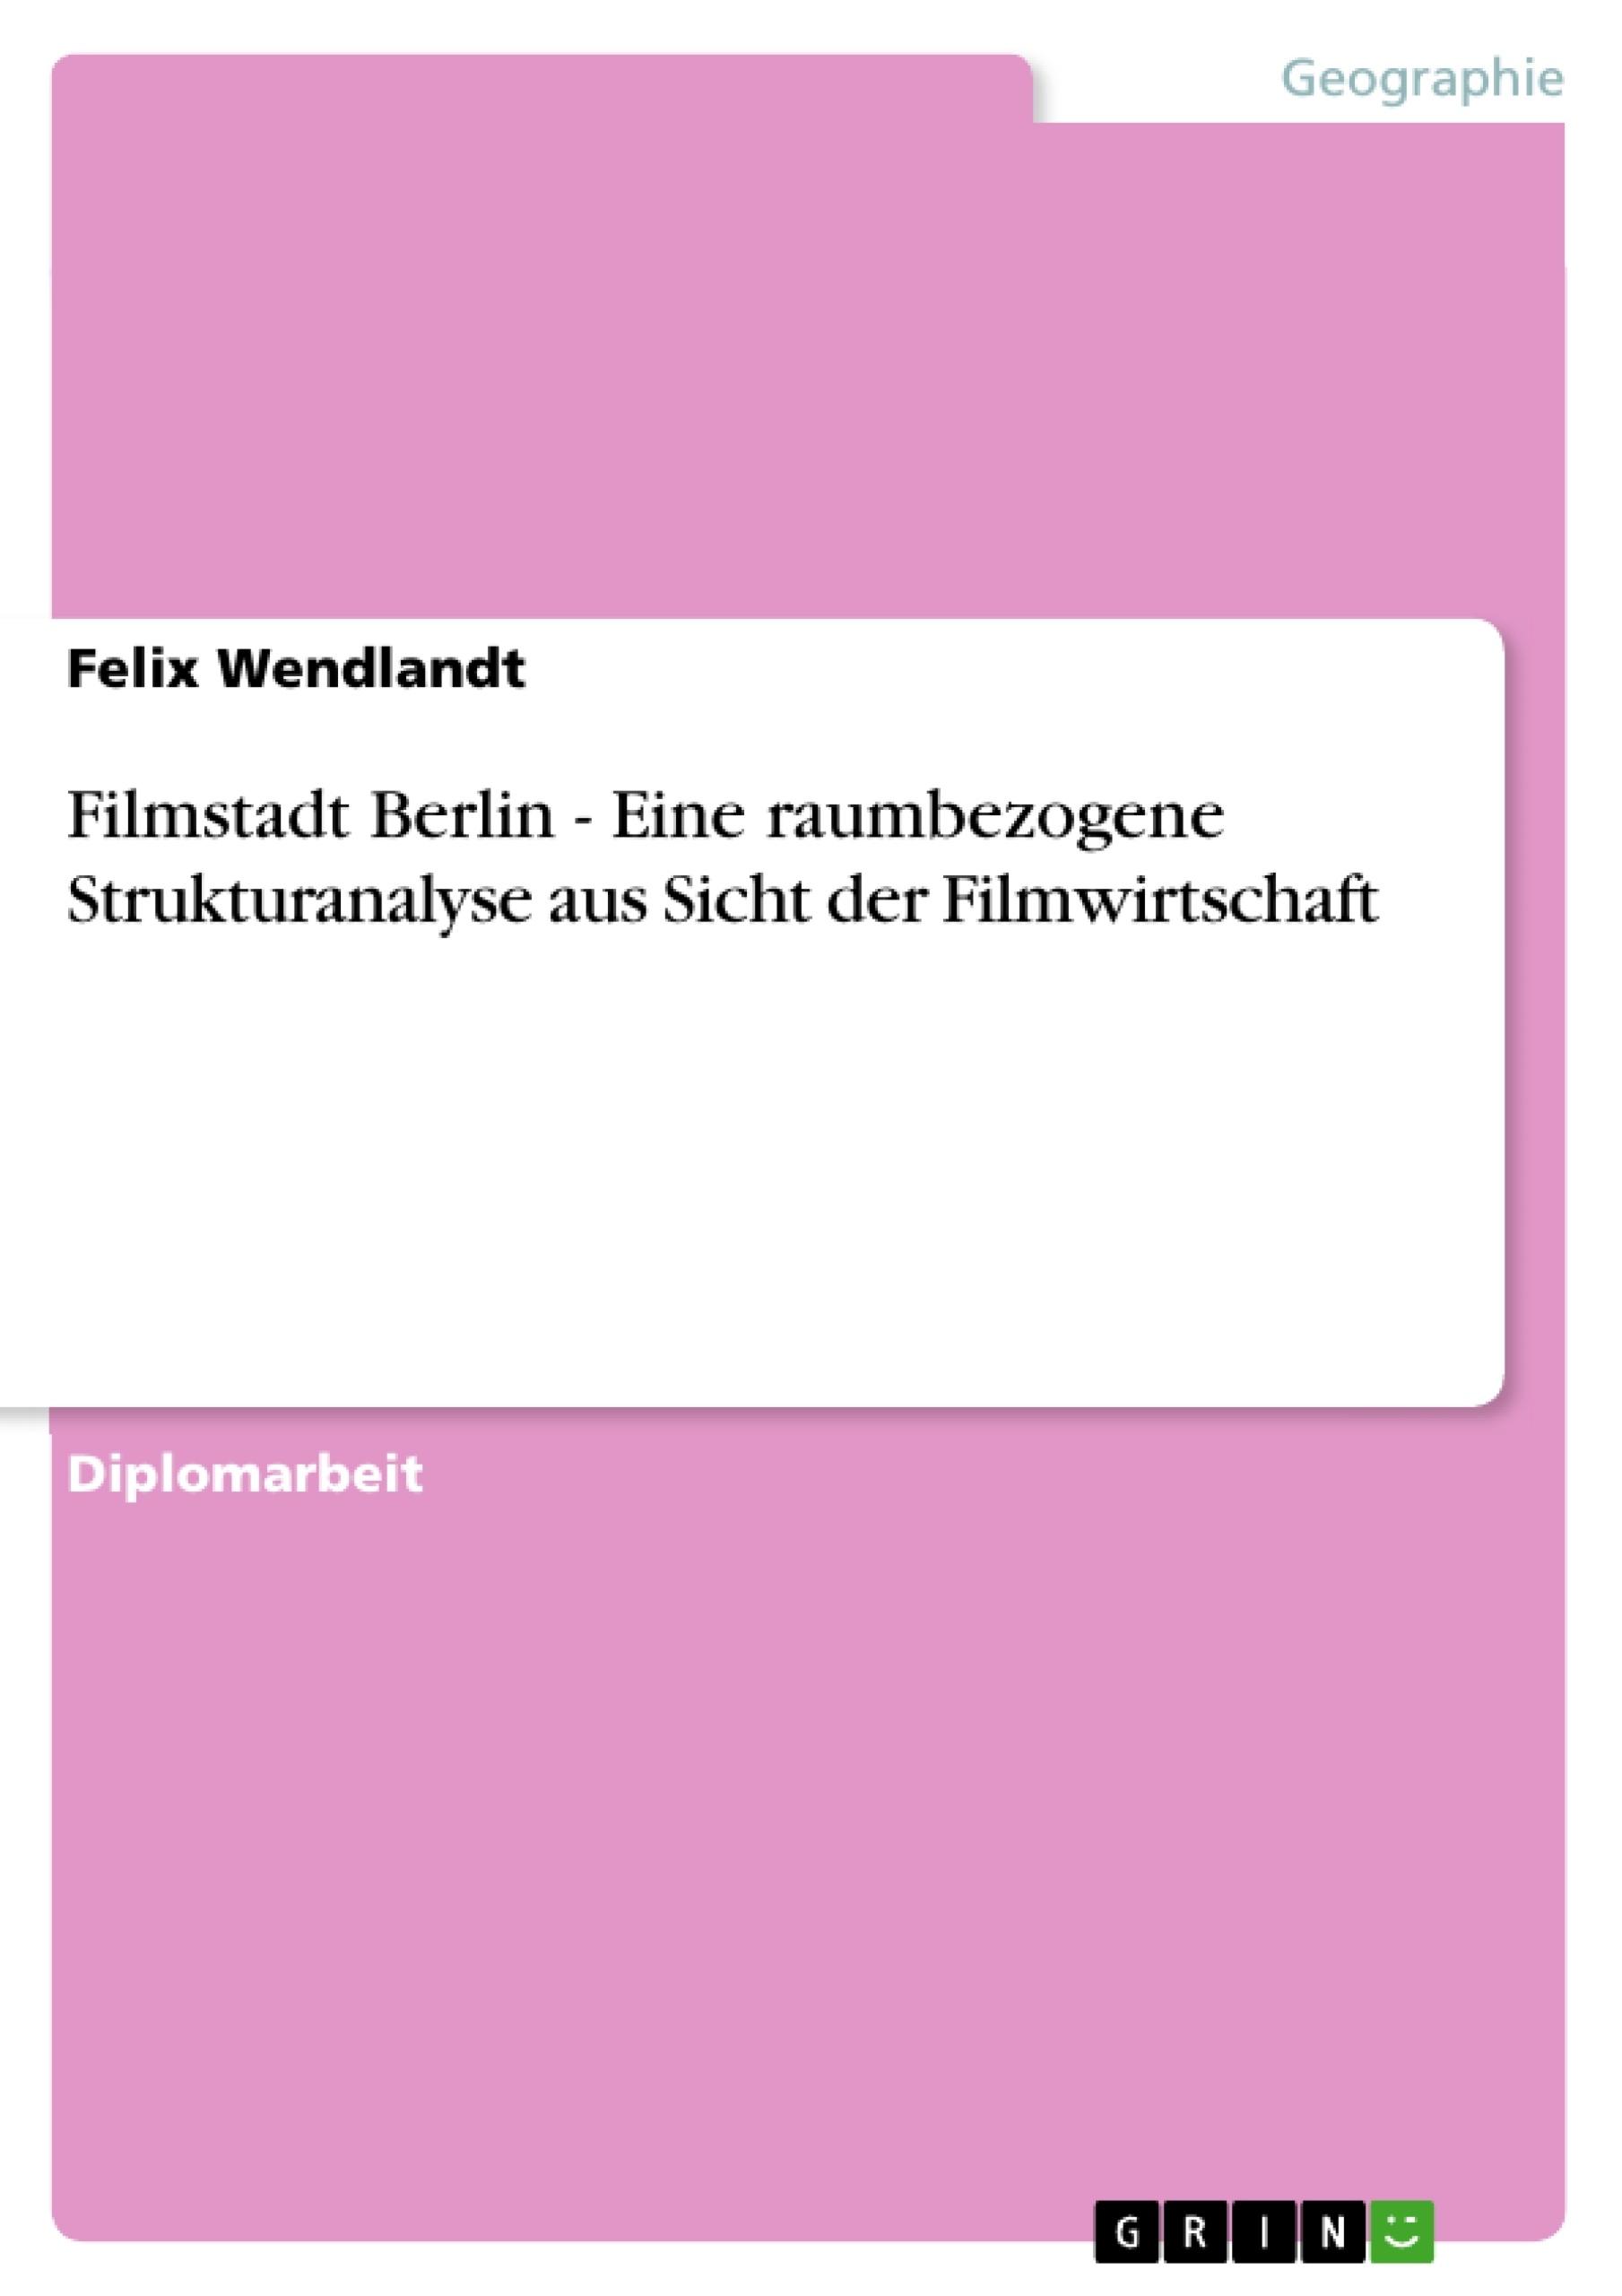 Titel: Filmstadt Berlin - Eine raumbezogene Strukturanalyse aus Sicht der Filmwirtschaft